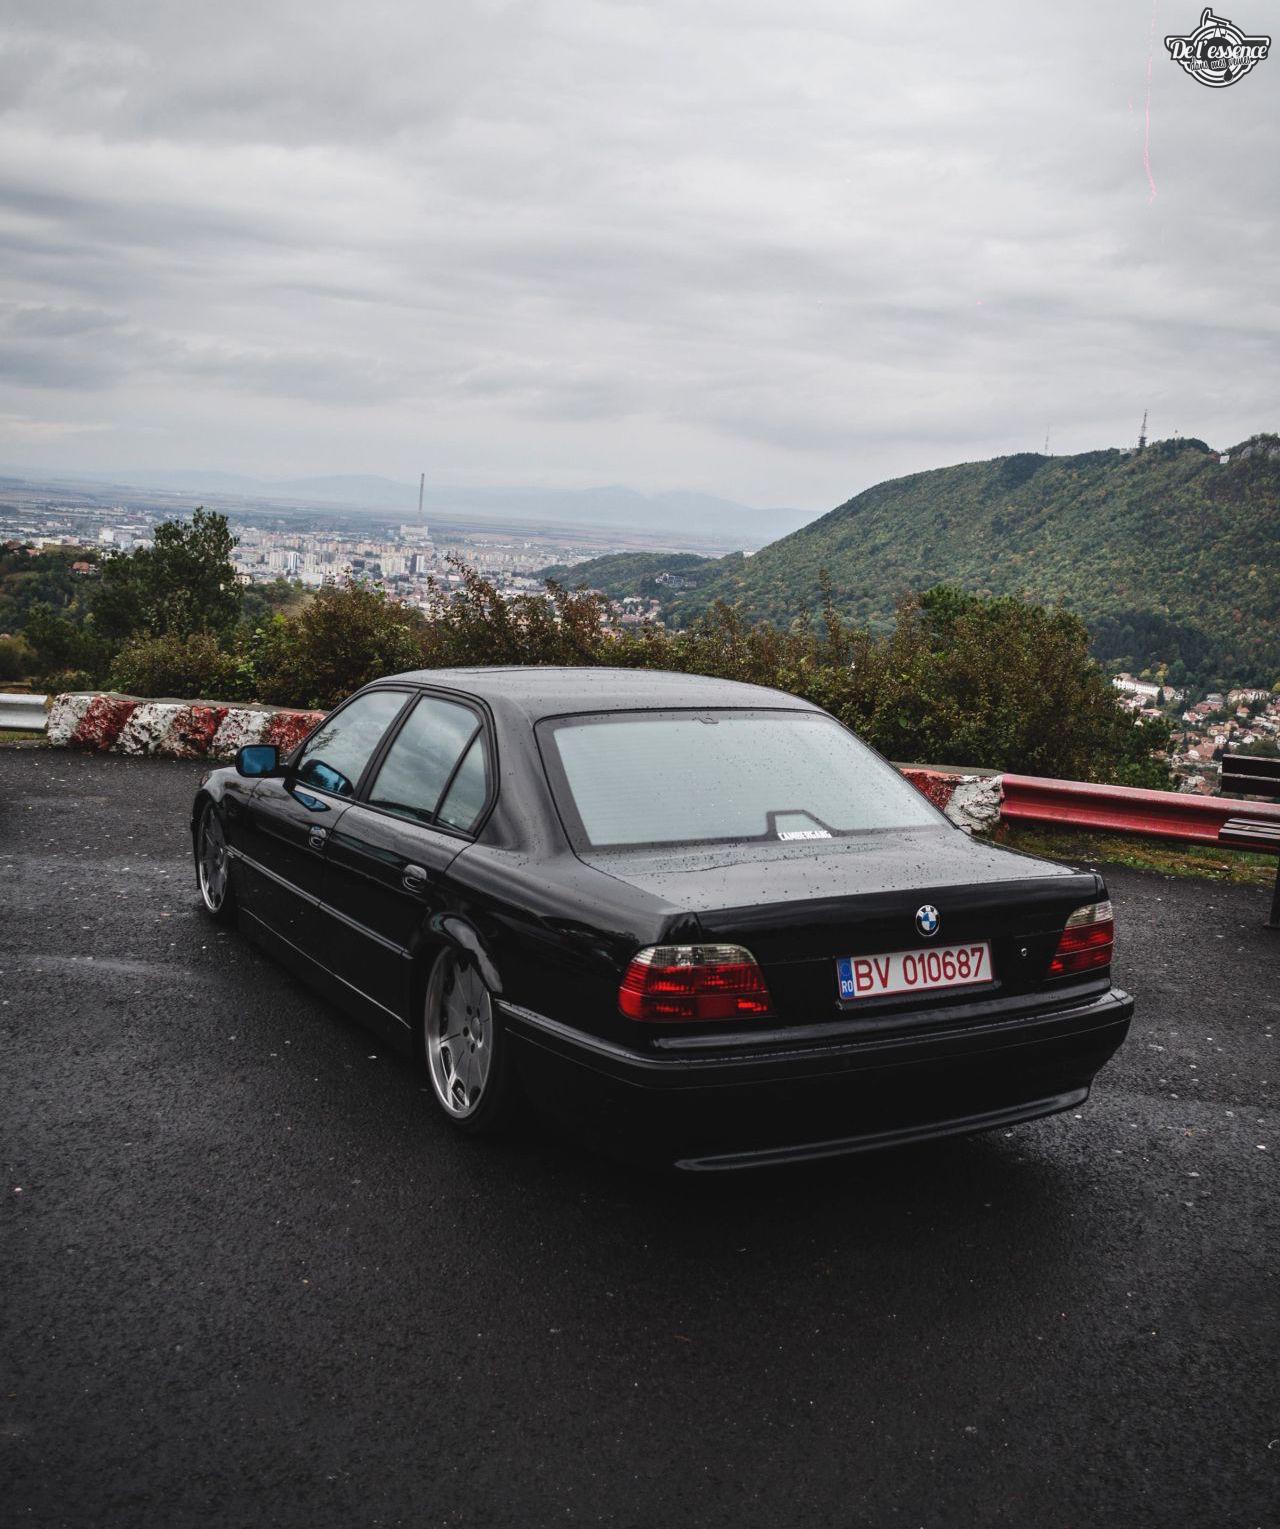 La BMW 730i de Vlad... Posey ! 23